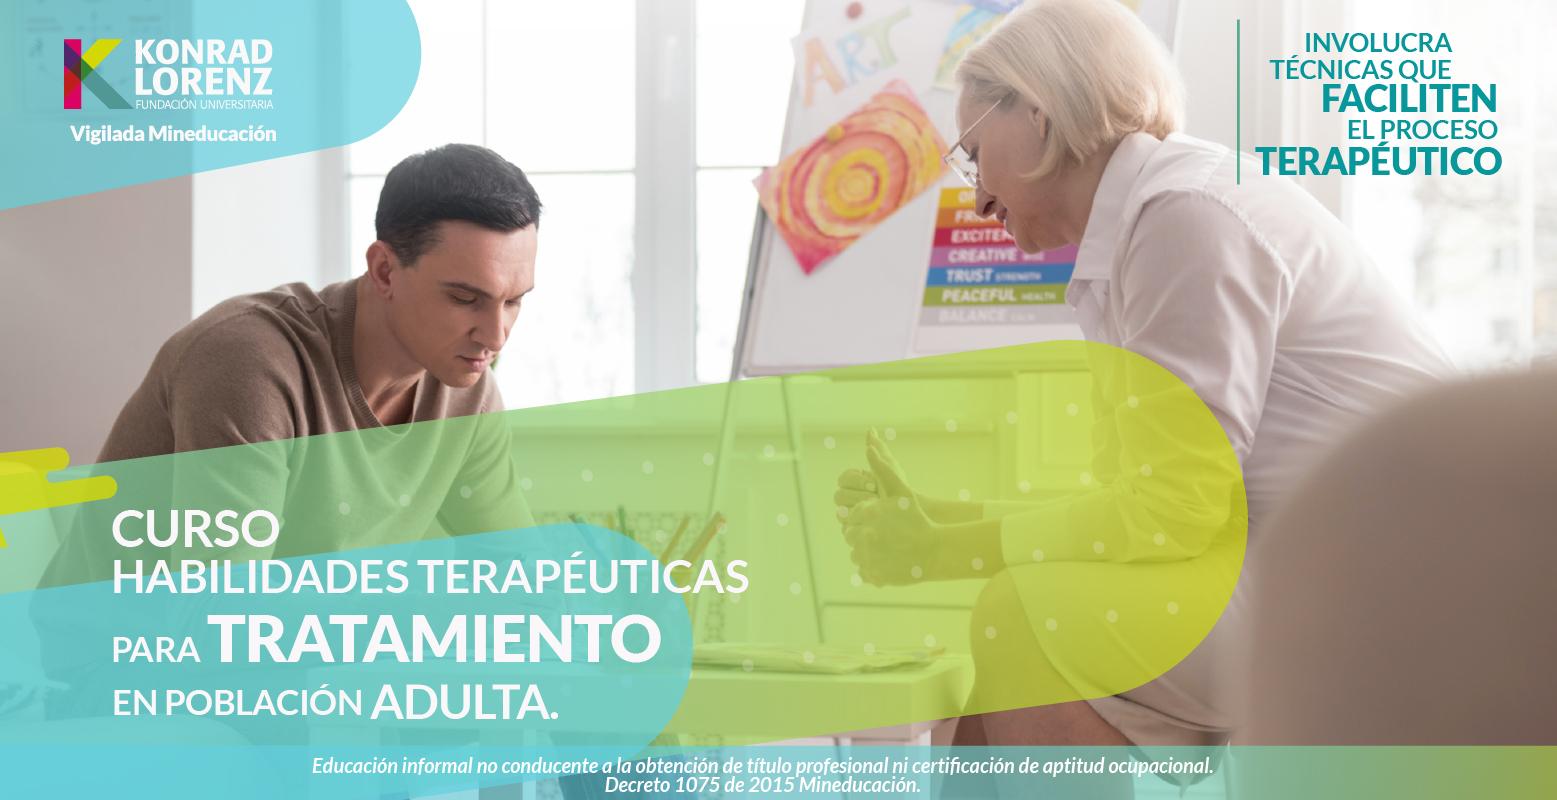 Entrenamiento en Habilidades Terapéuticas para psicólogos que trabajan en población adulta